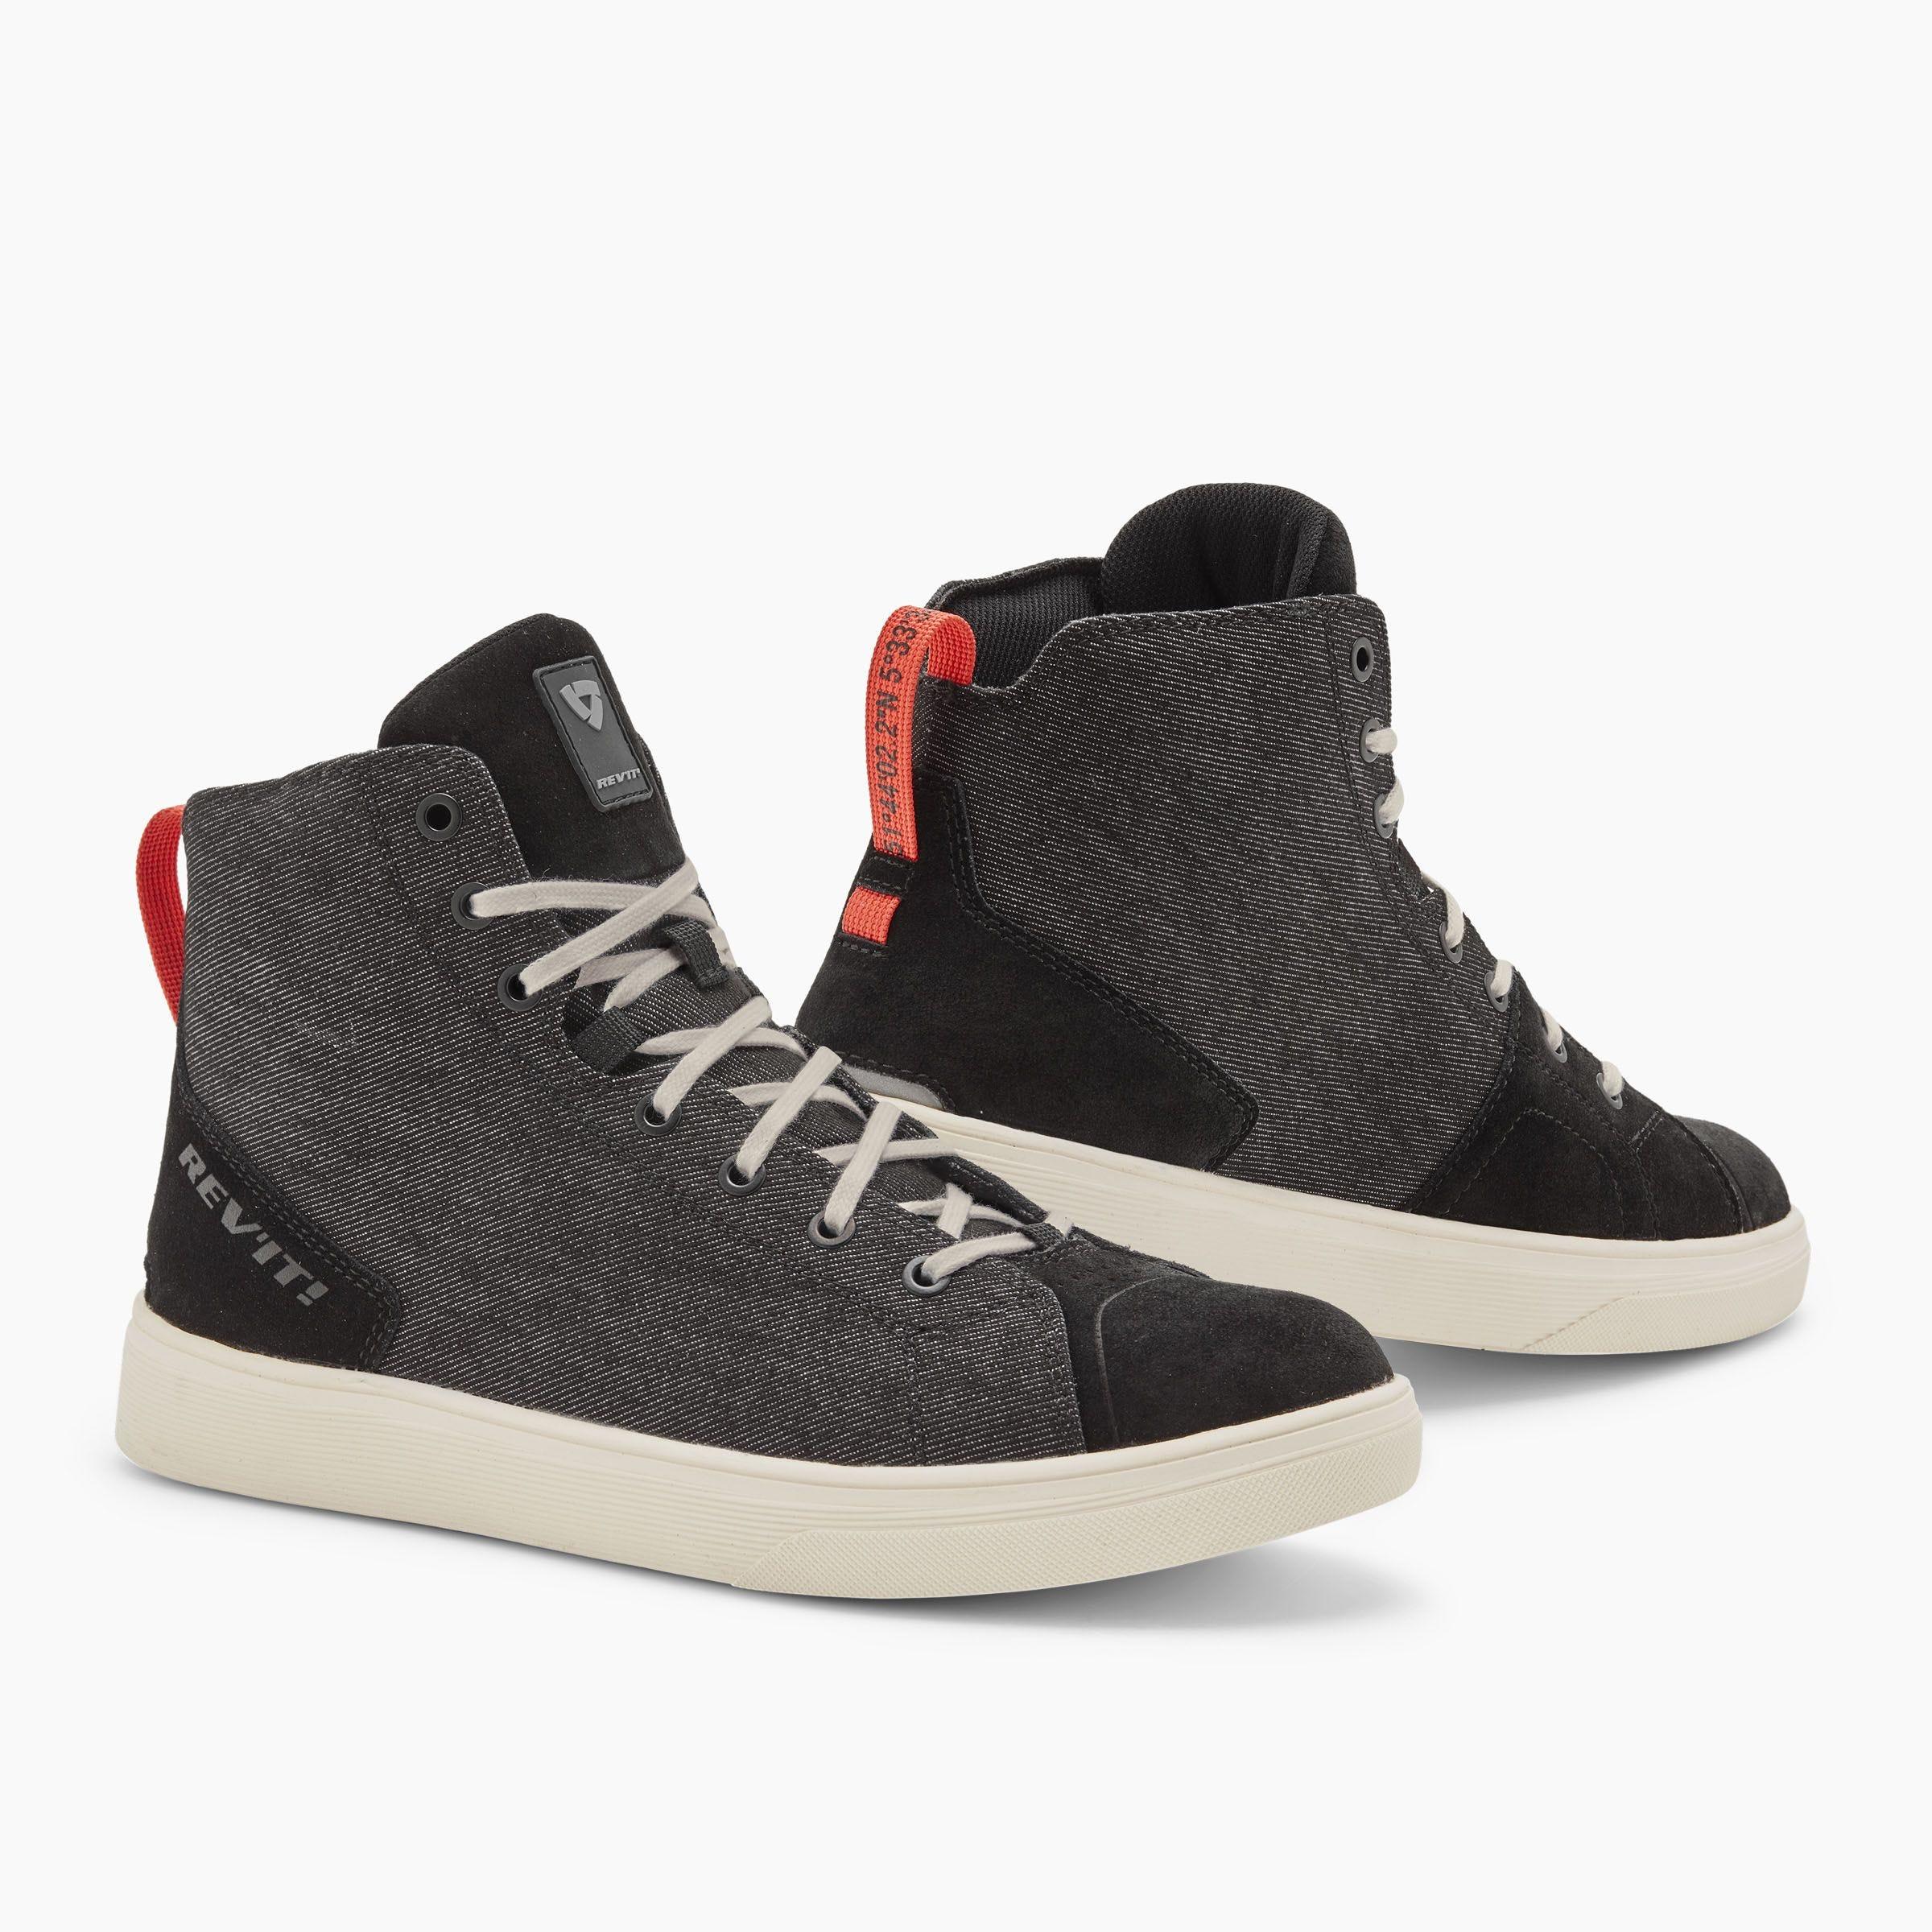 Revit Delta H20 shoes